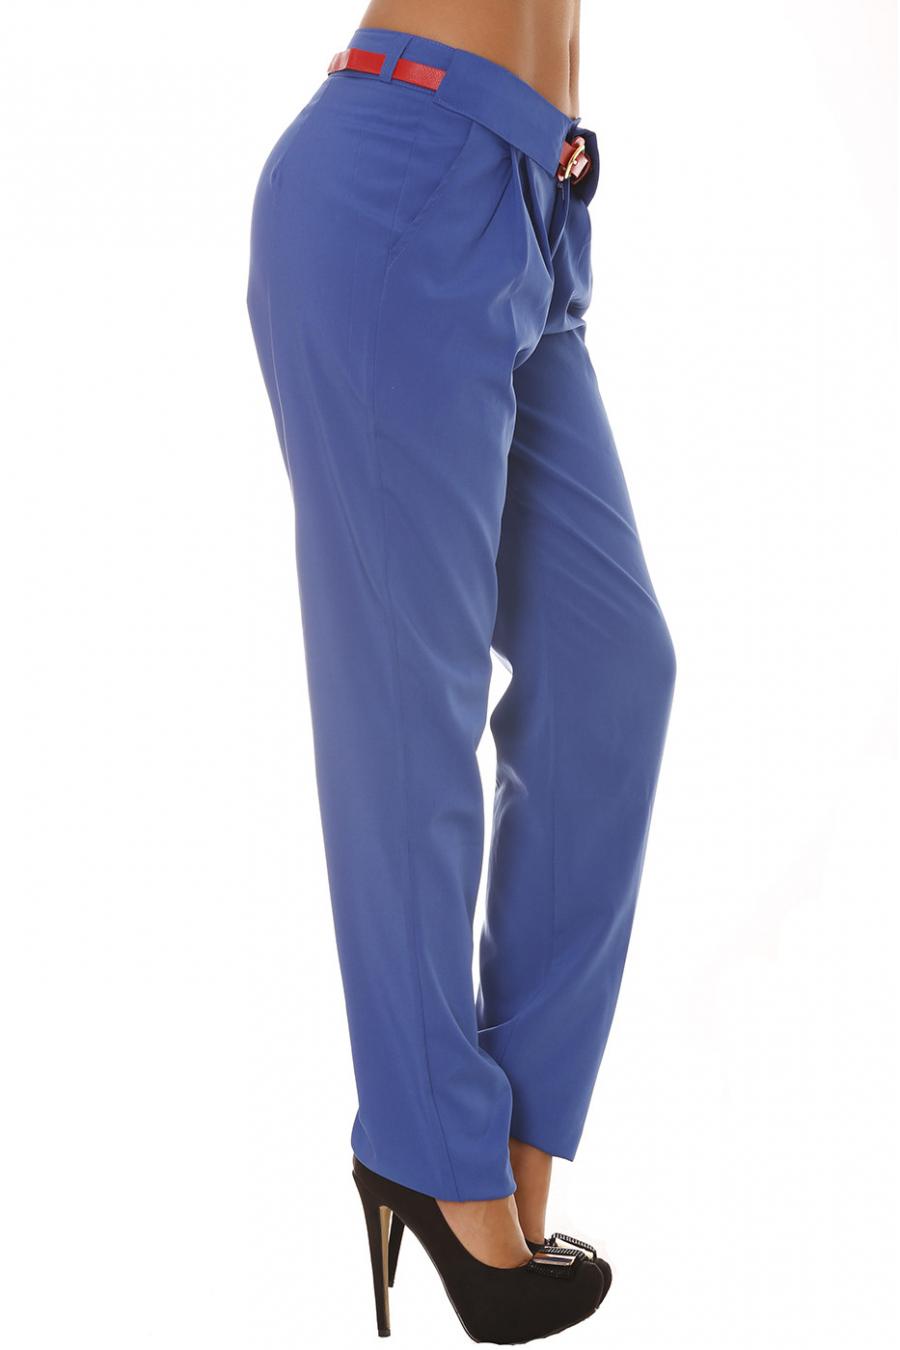 Pantalon à poches Royal Fluide coupe Carotte avec ceinture Rouge. Pantalon Femme. BS20210